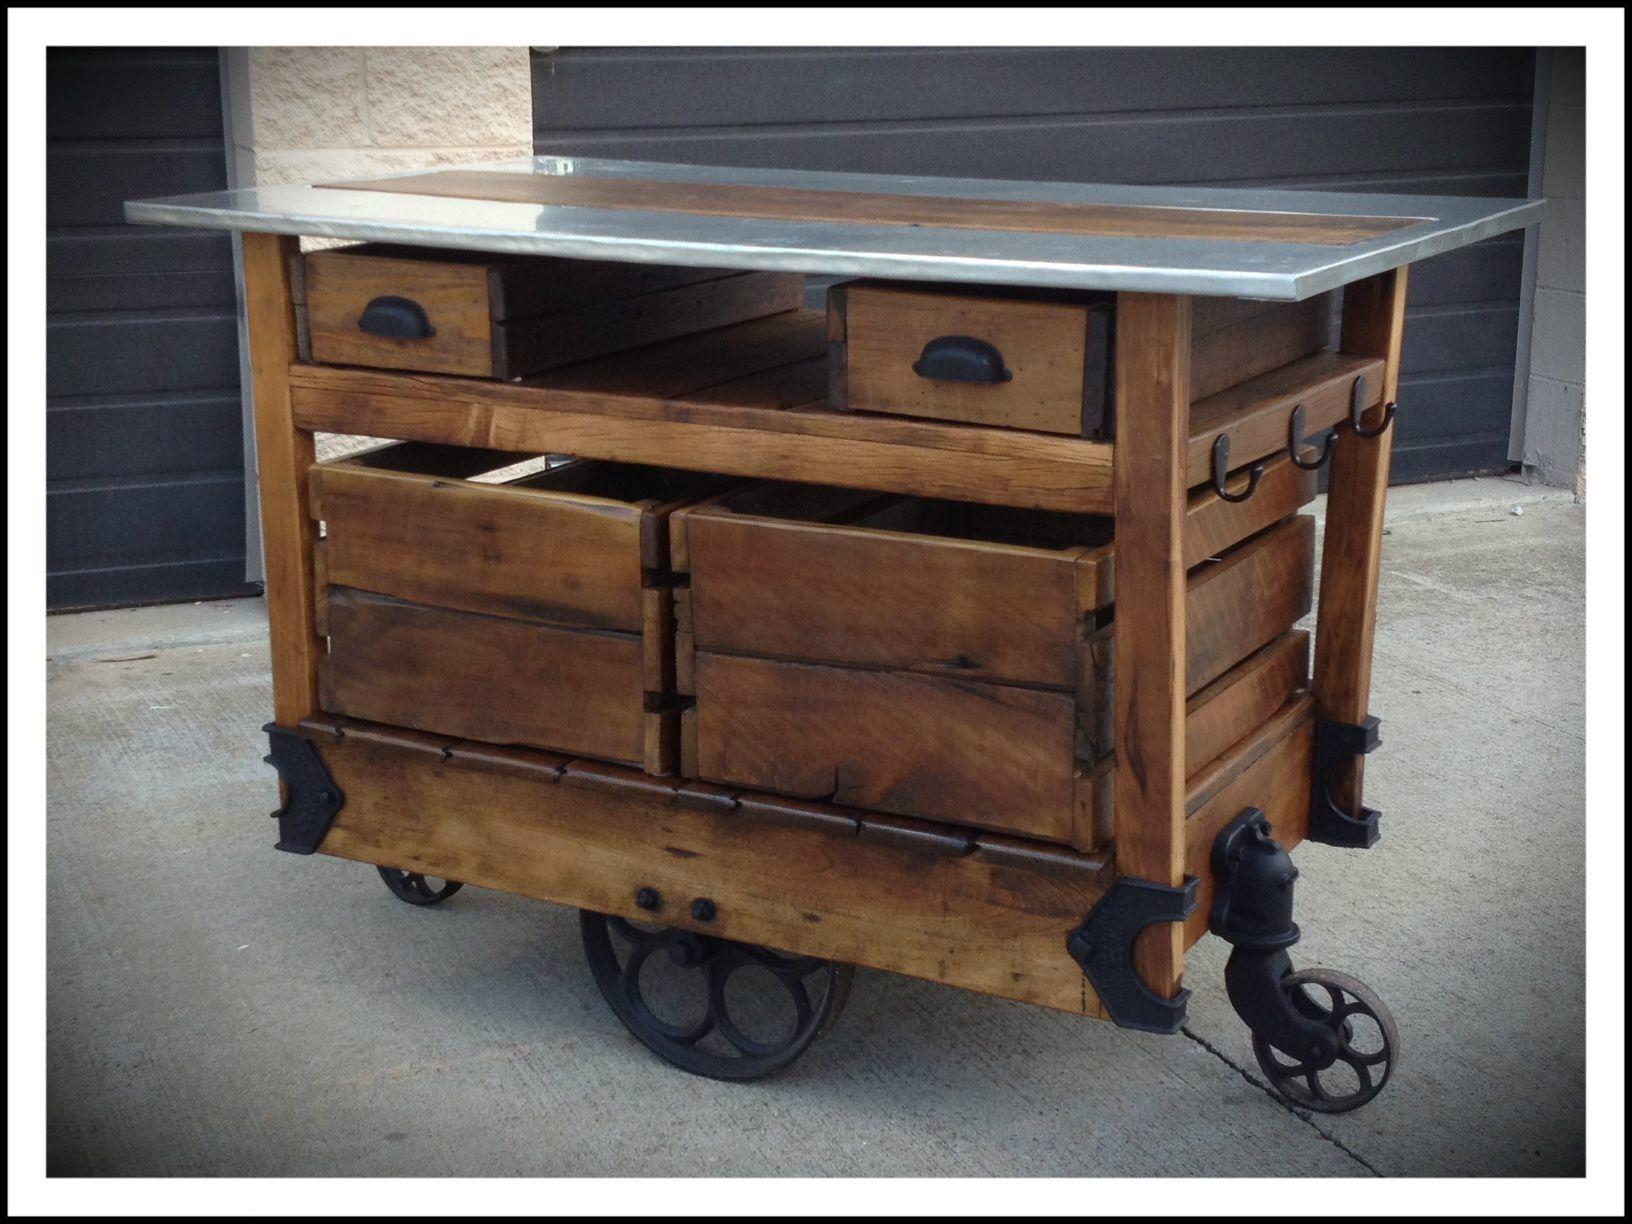 Tasteful Reclaimed Wood Island Cart With Zinc Top As Inspiring Repurposed Furniture Wi Rustic Kitchen Island Industrial Kitchen Island Kitchen Island On Wheels